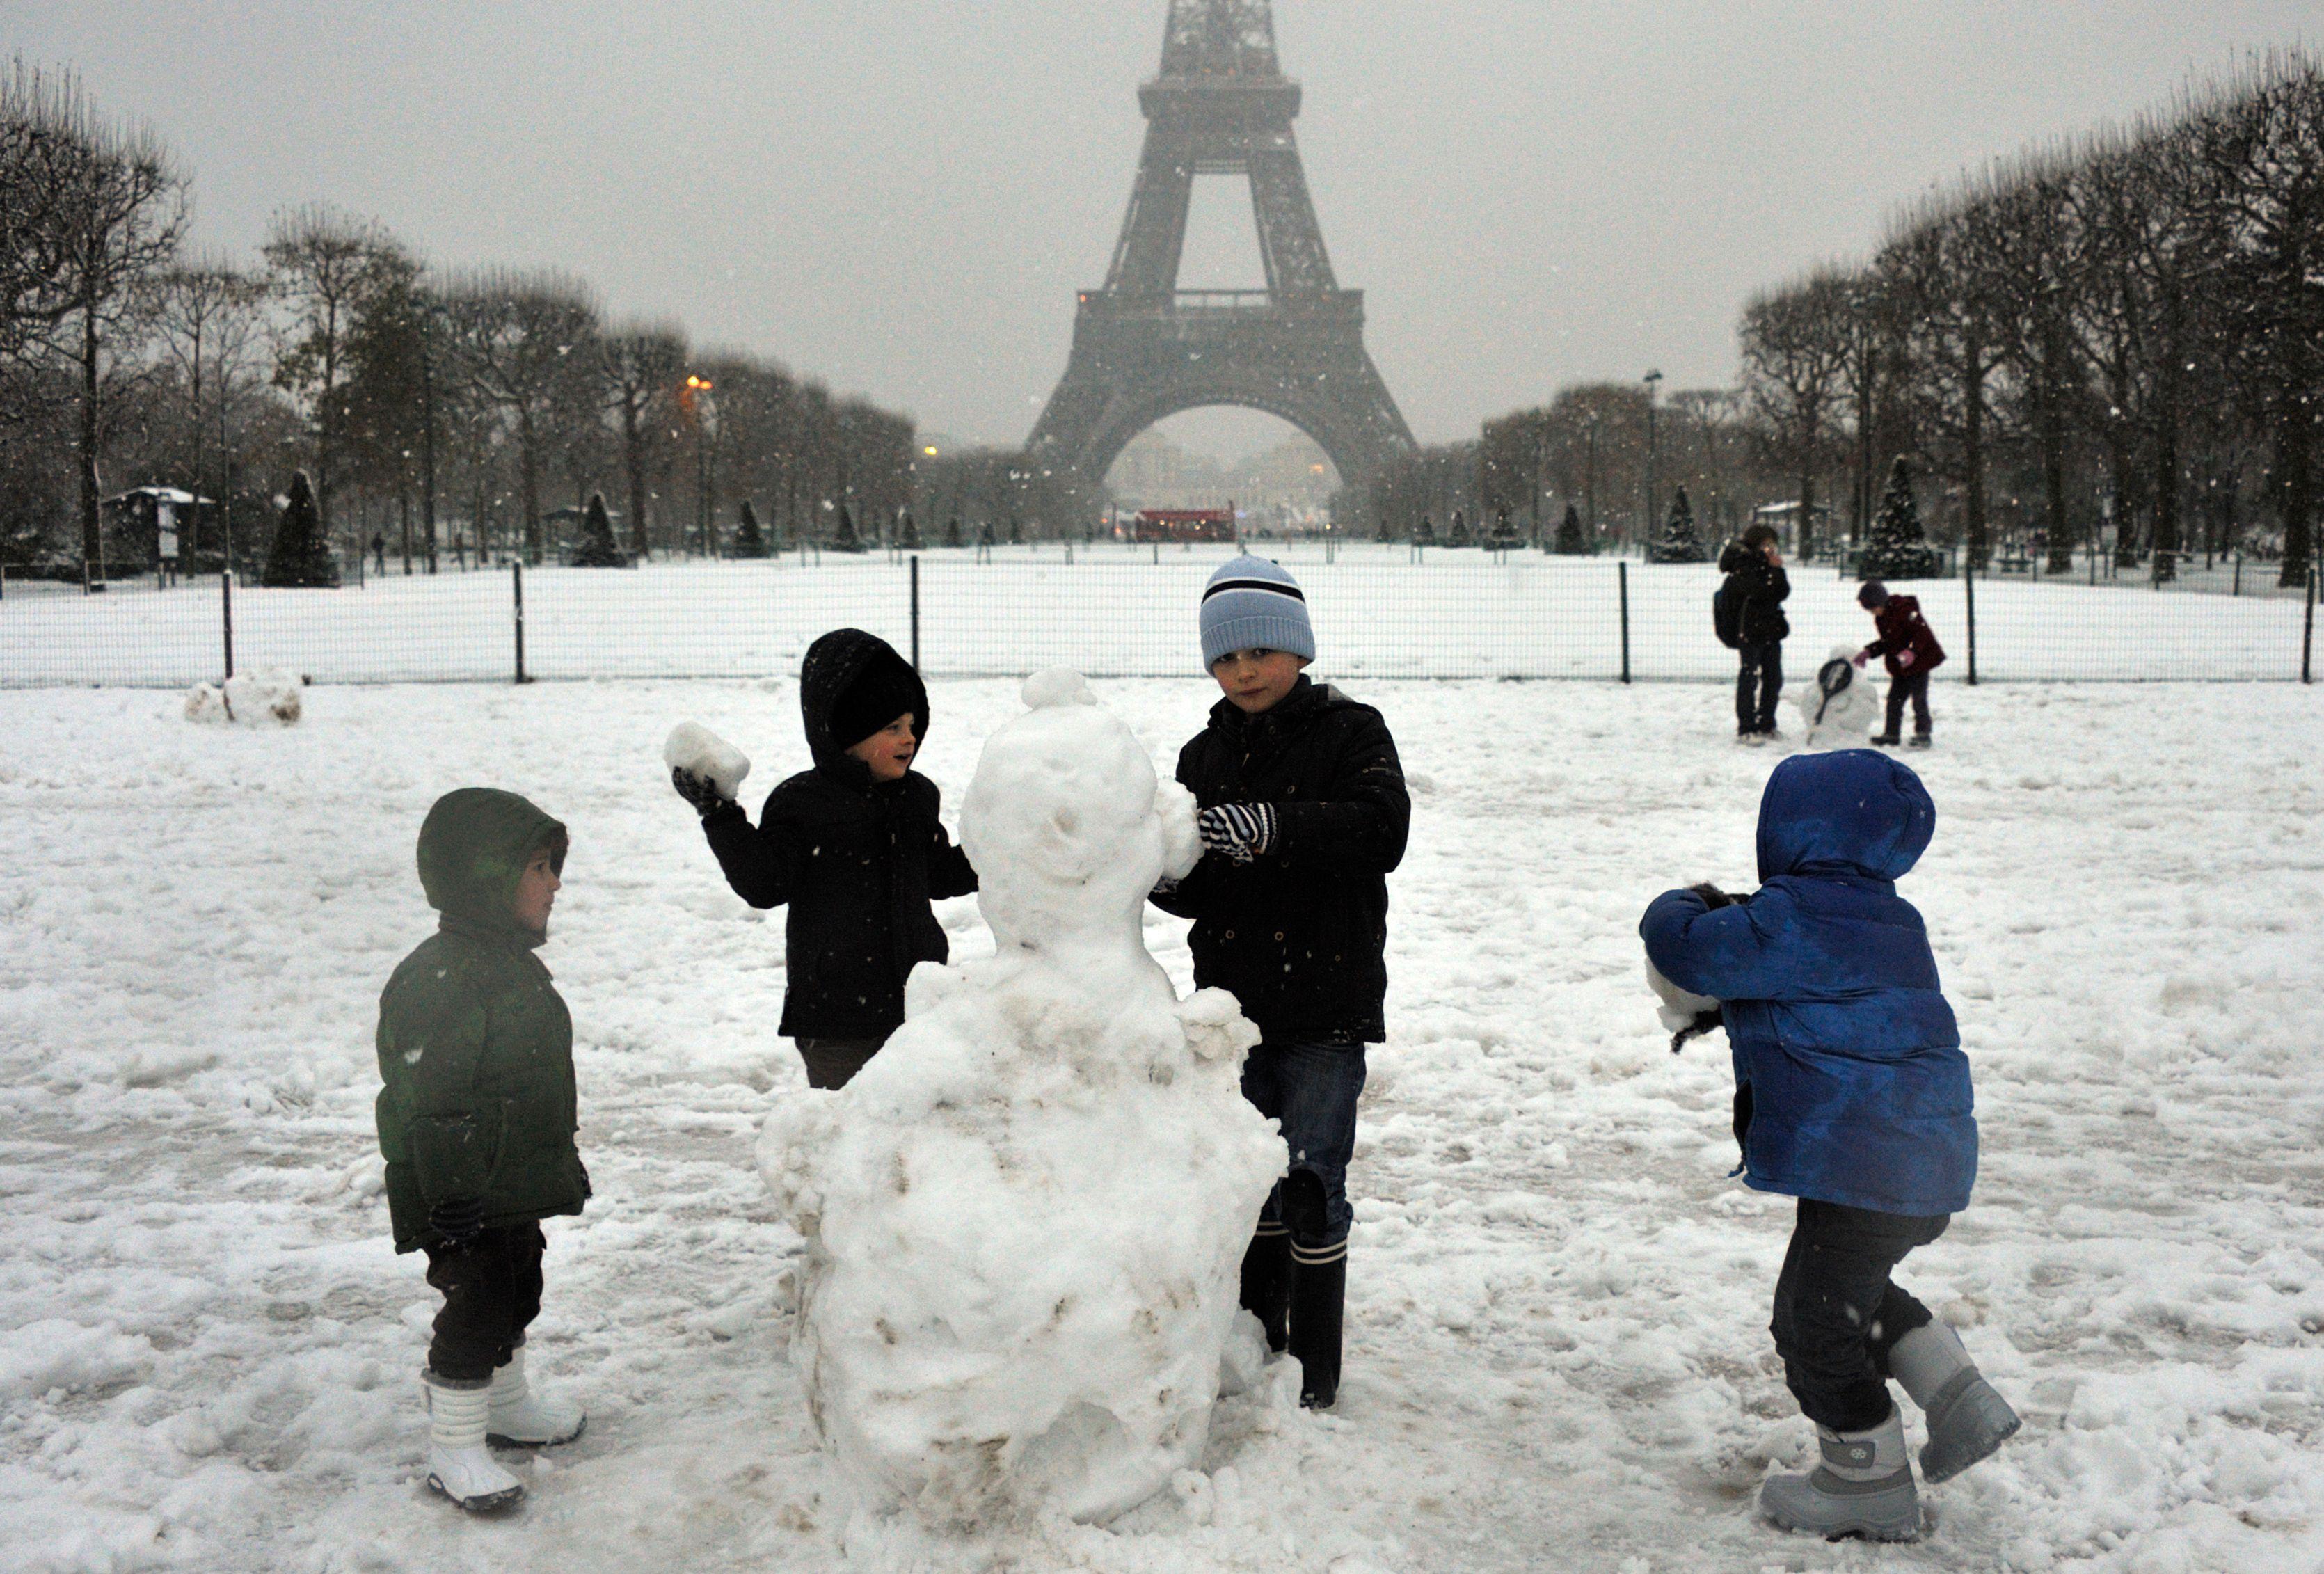 Parmi les départements placés en vigilance orange, on retrouve Paris